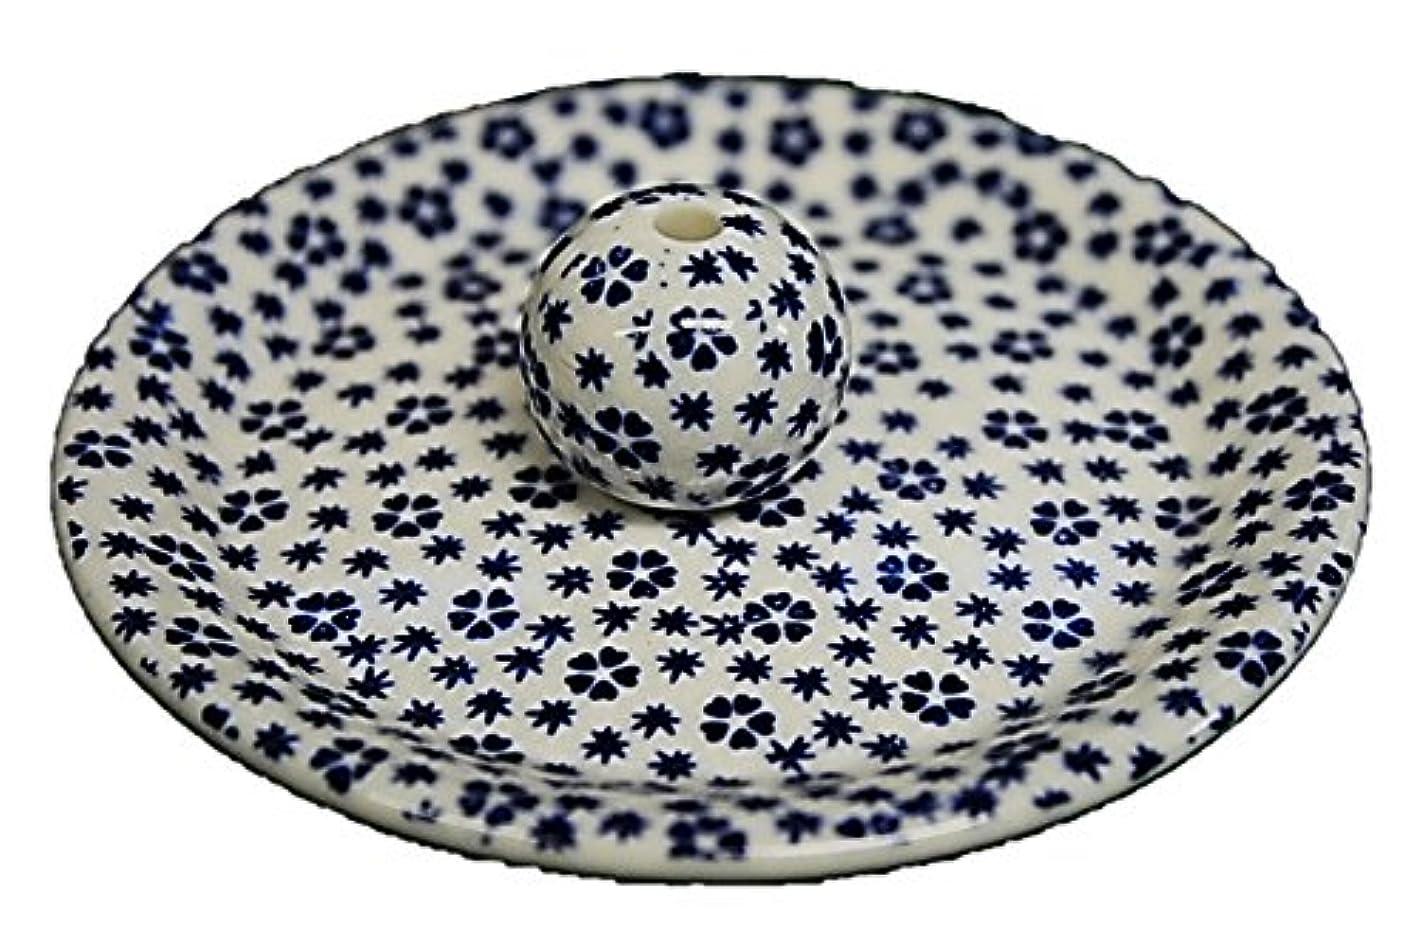 9-39 桜小紋 青 9cm香皿 お香立て お香たて 陶器 日本製 製造?直売品